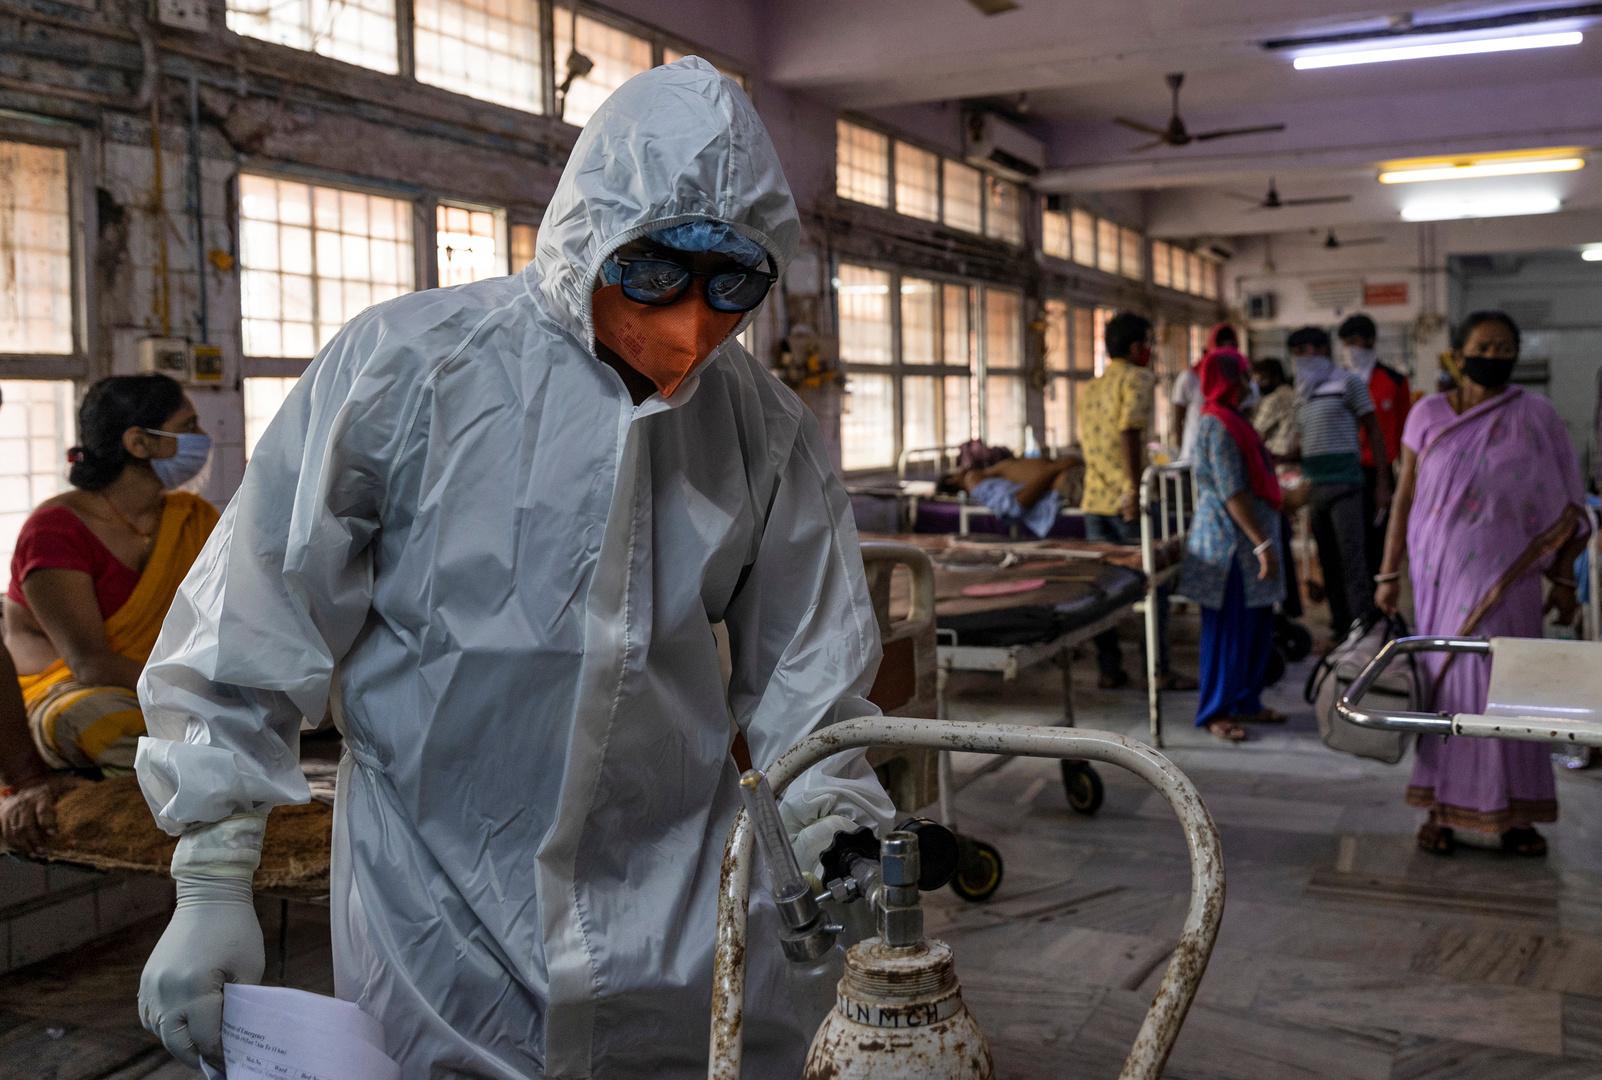 عامل طبي يفحص أسطوانة أكسجين في مستشفى جواهر لال نهرو في بيهار، الهند